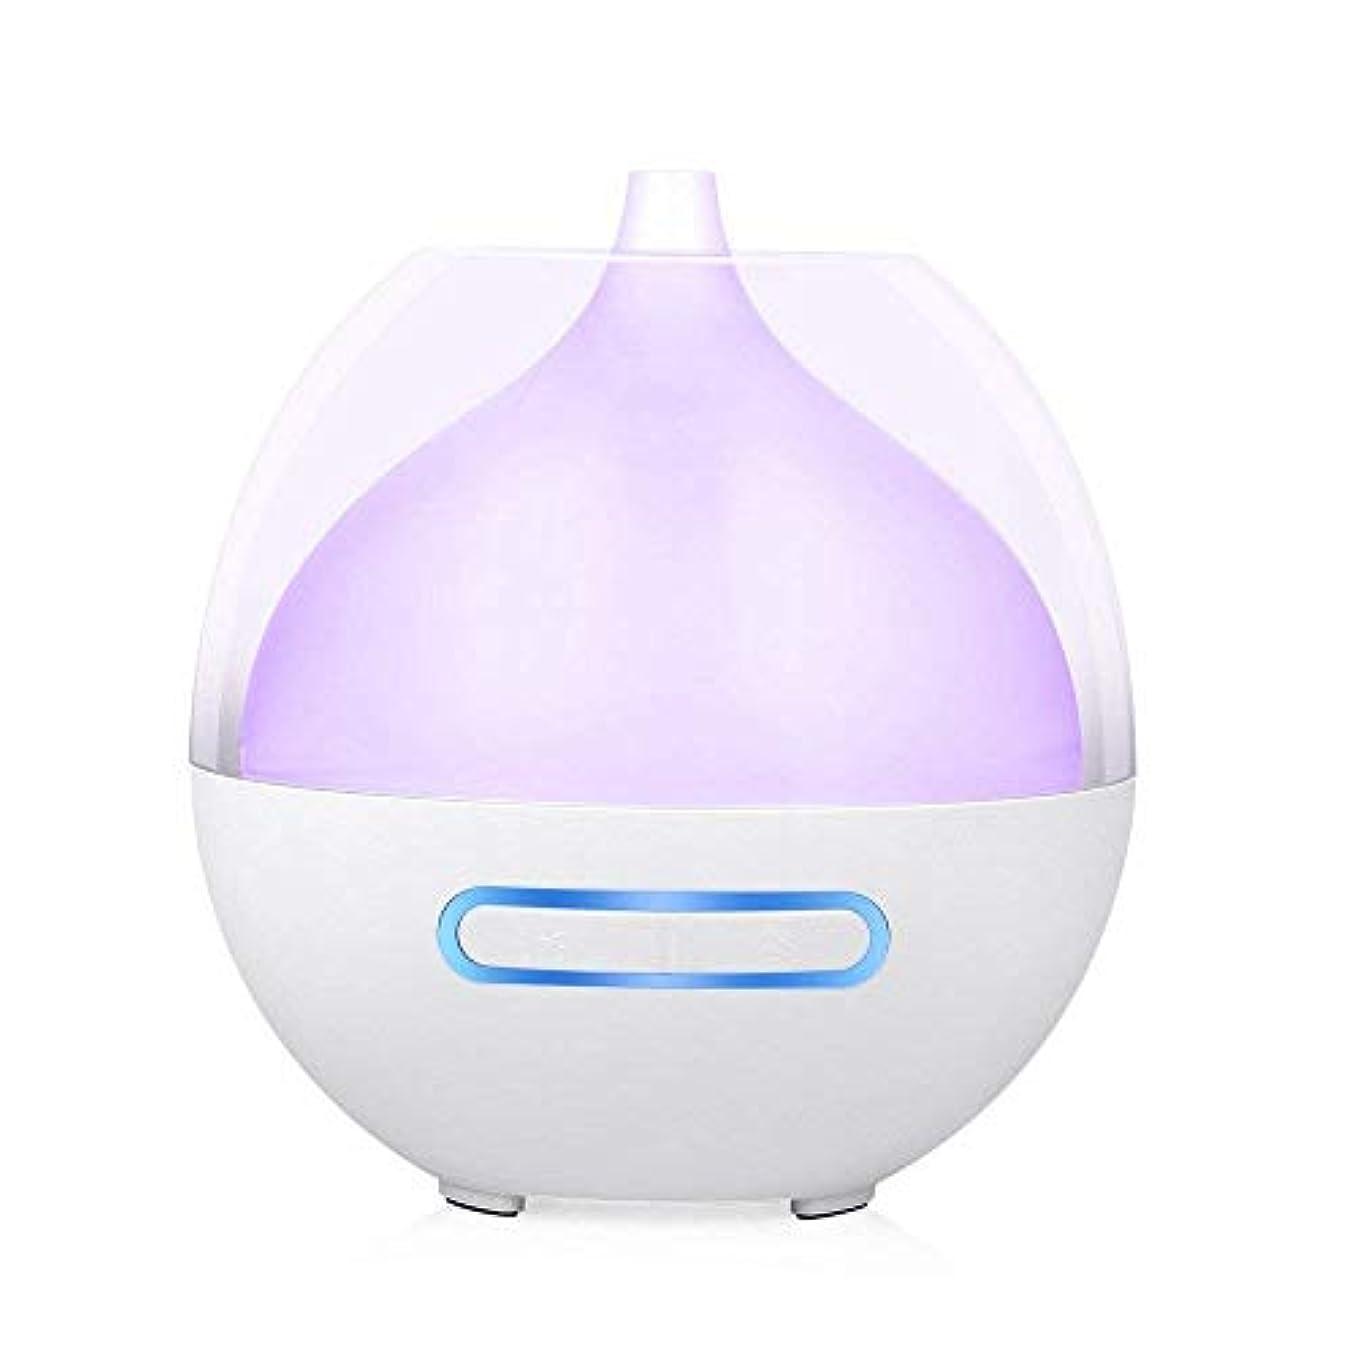 アロマエッセンシャルオイルディフューザー80ml超音波アロマ加湿器調整可能なミストモード水なし自動的にシャットオフする空気清浄機、7つの変更可能な色のLEDライト